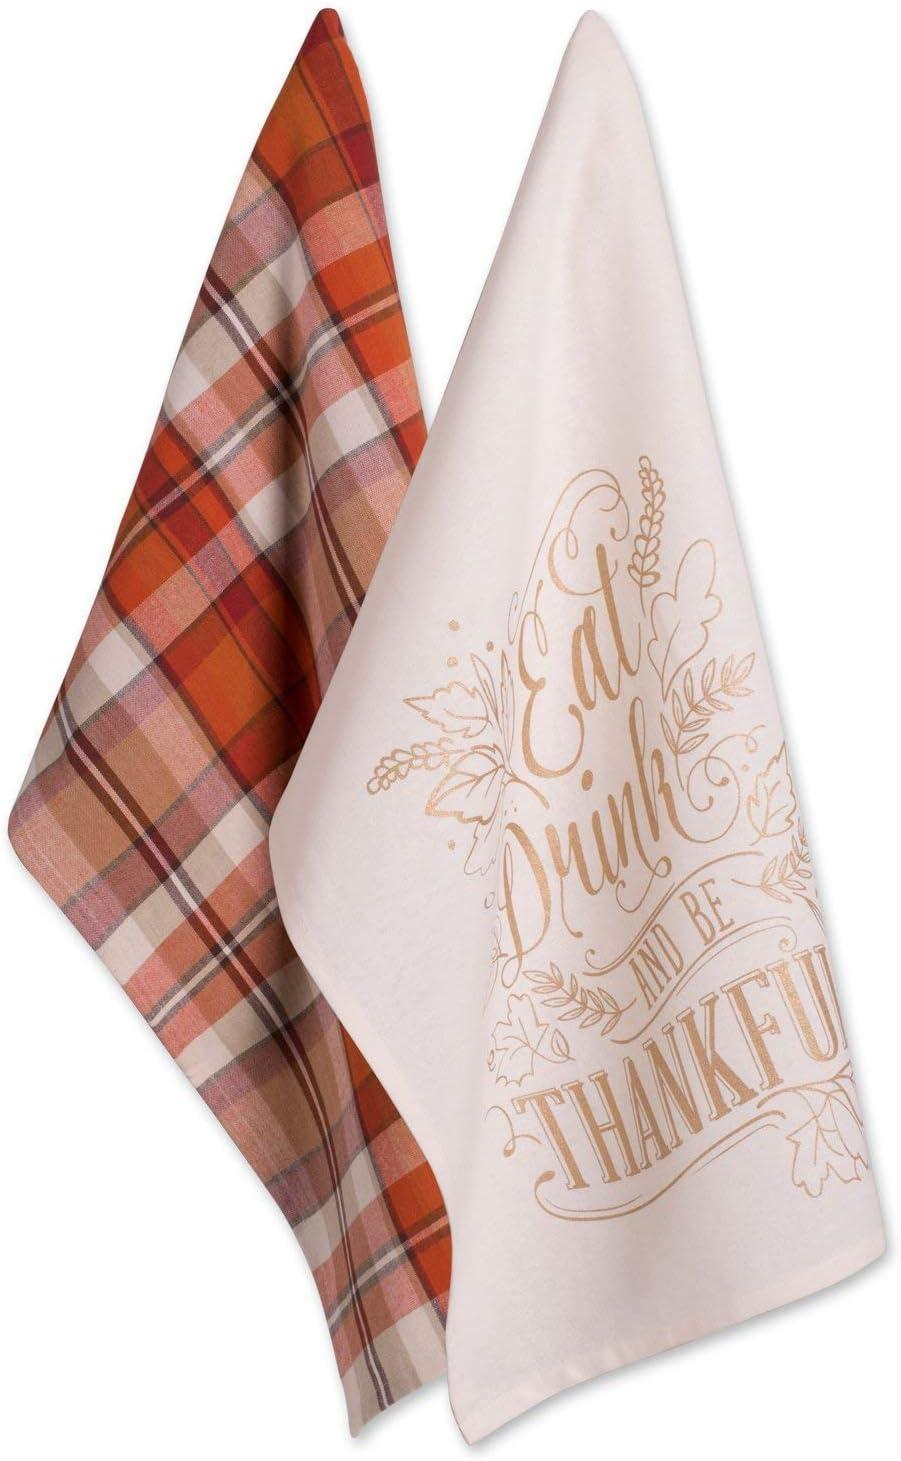 Fall Kitchen Dish Towels 8 Pack Tea 16 x 28 Thanksgiving Halloween Turkey